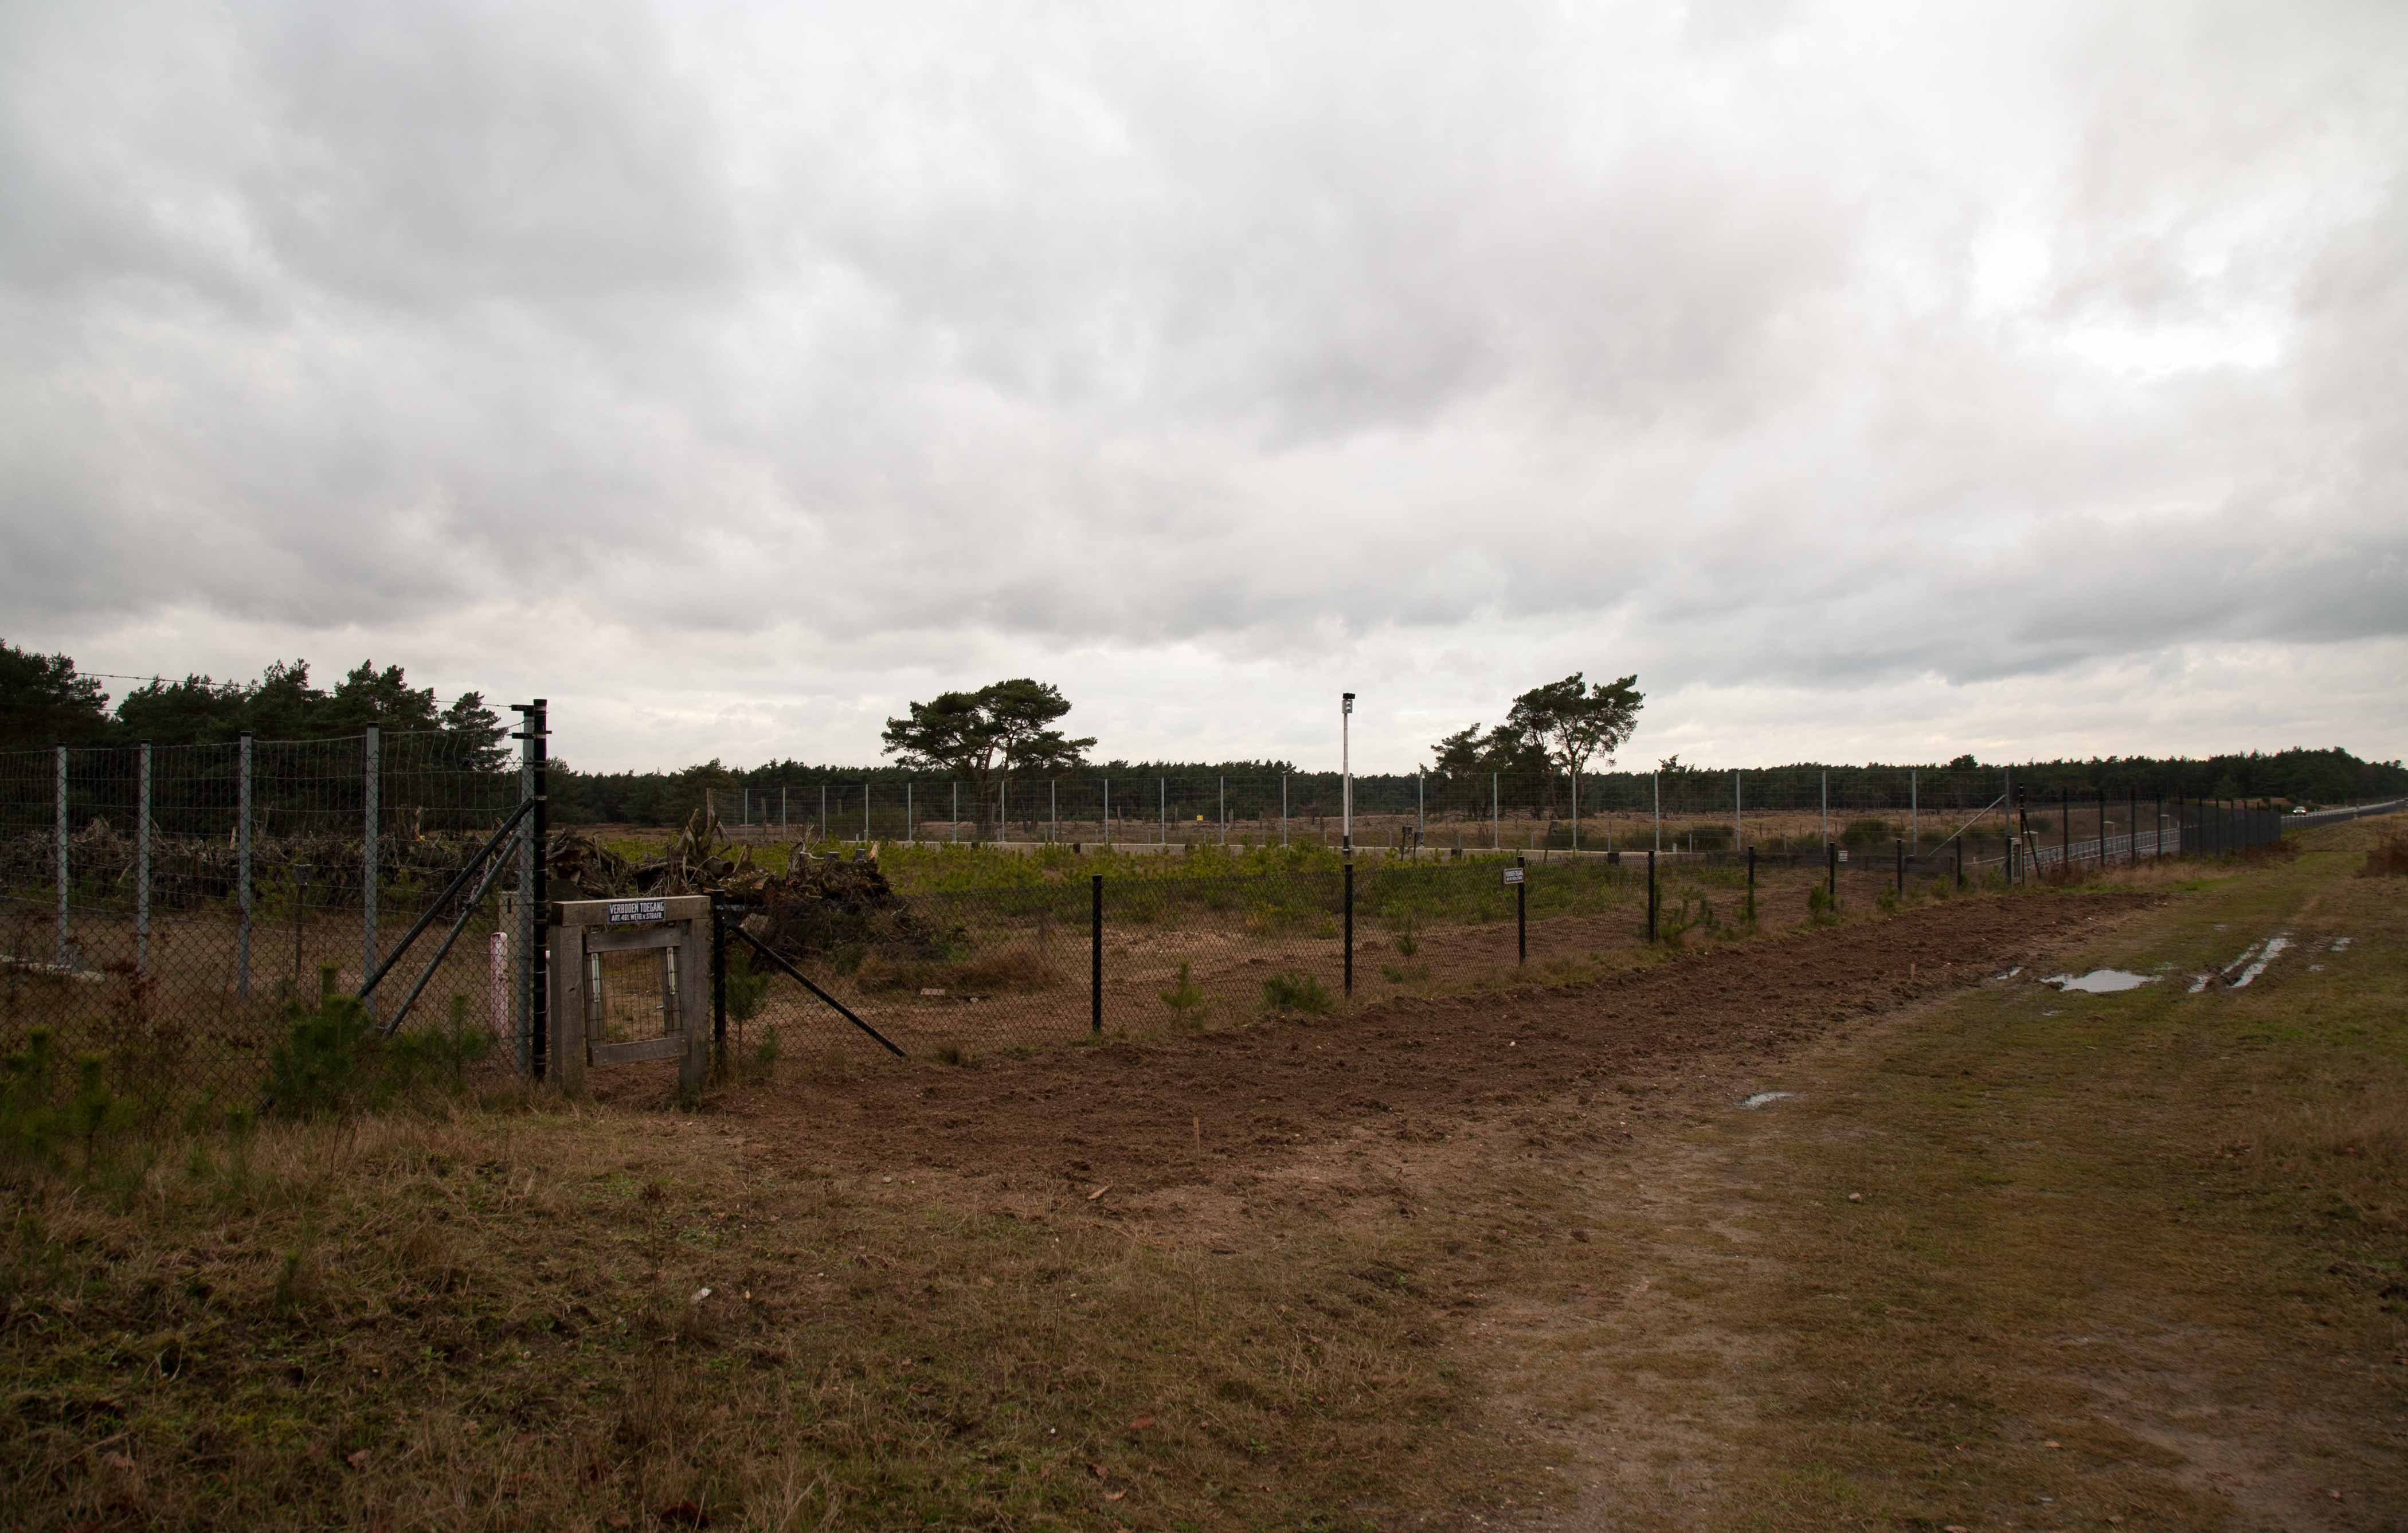 Het verlaagde hek op ecoduct Oud-Reemst, hier gezien vanuit het Park op 21 december 2015, was aan weerszijden voorzien van zandbedden, die regelmatig aangeharkt werden om nieuwe sporen te kunnen 'vangen'. Uiteraard werden voor de harkpartij de reeds aanwezige sporen geïnventariseerd. Hierdoor konden onderzoekers zien of en zo ja welke dieren tussen De Hoge Veluwe en Nieuw-Reemst hadden gelopen – Foto: ©Yvonne Arentzen